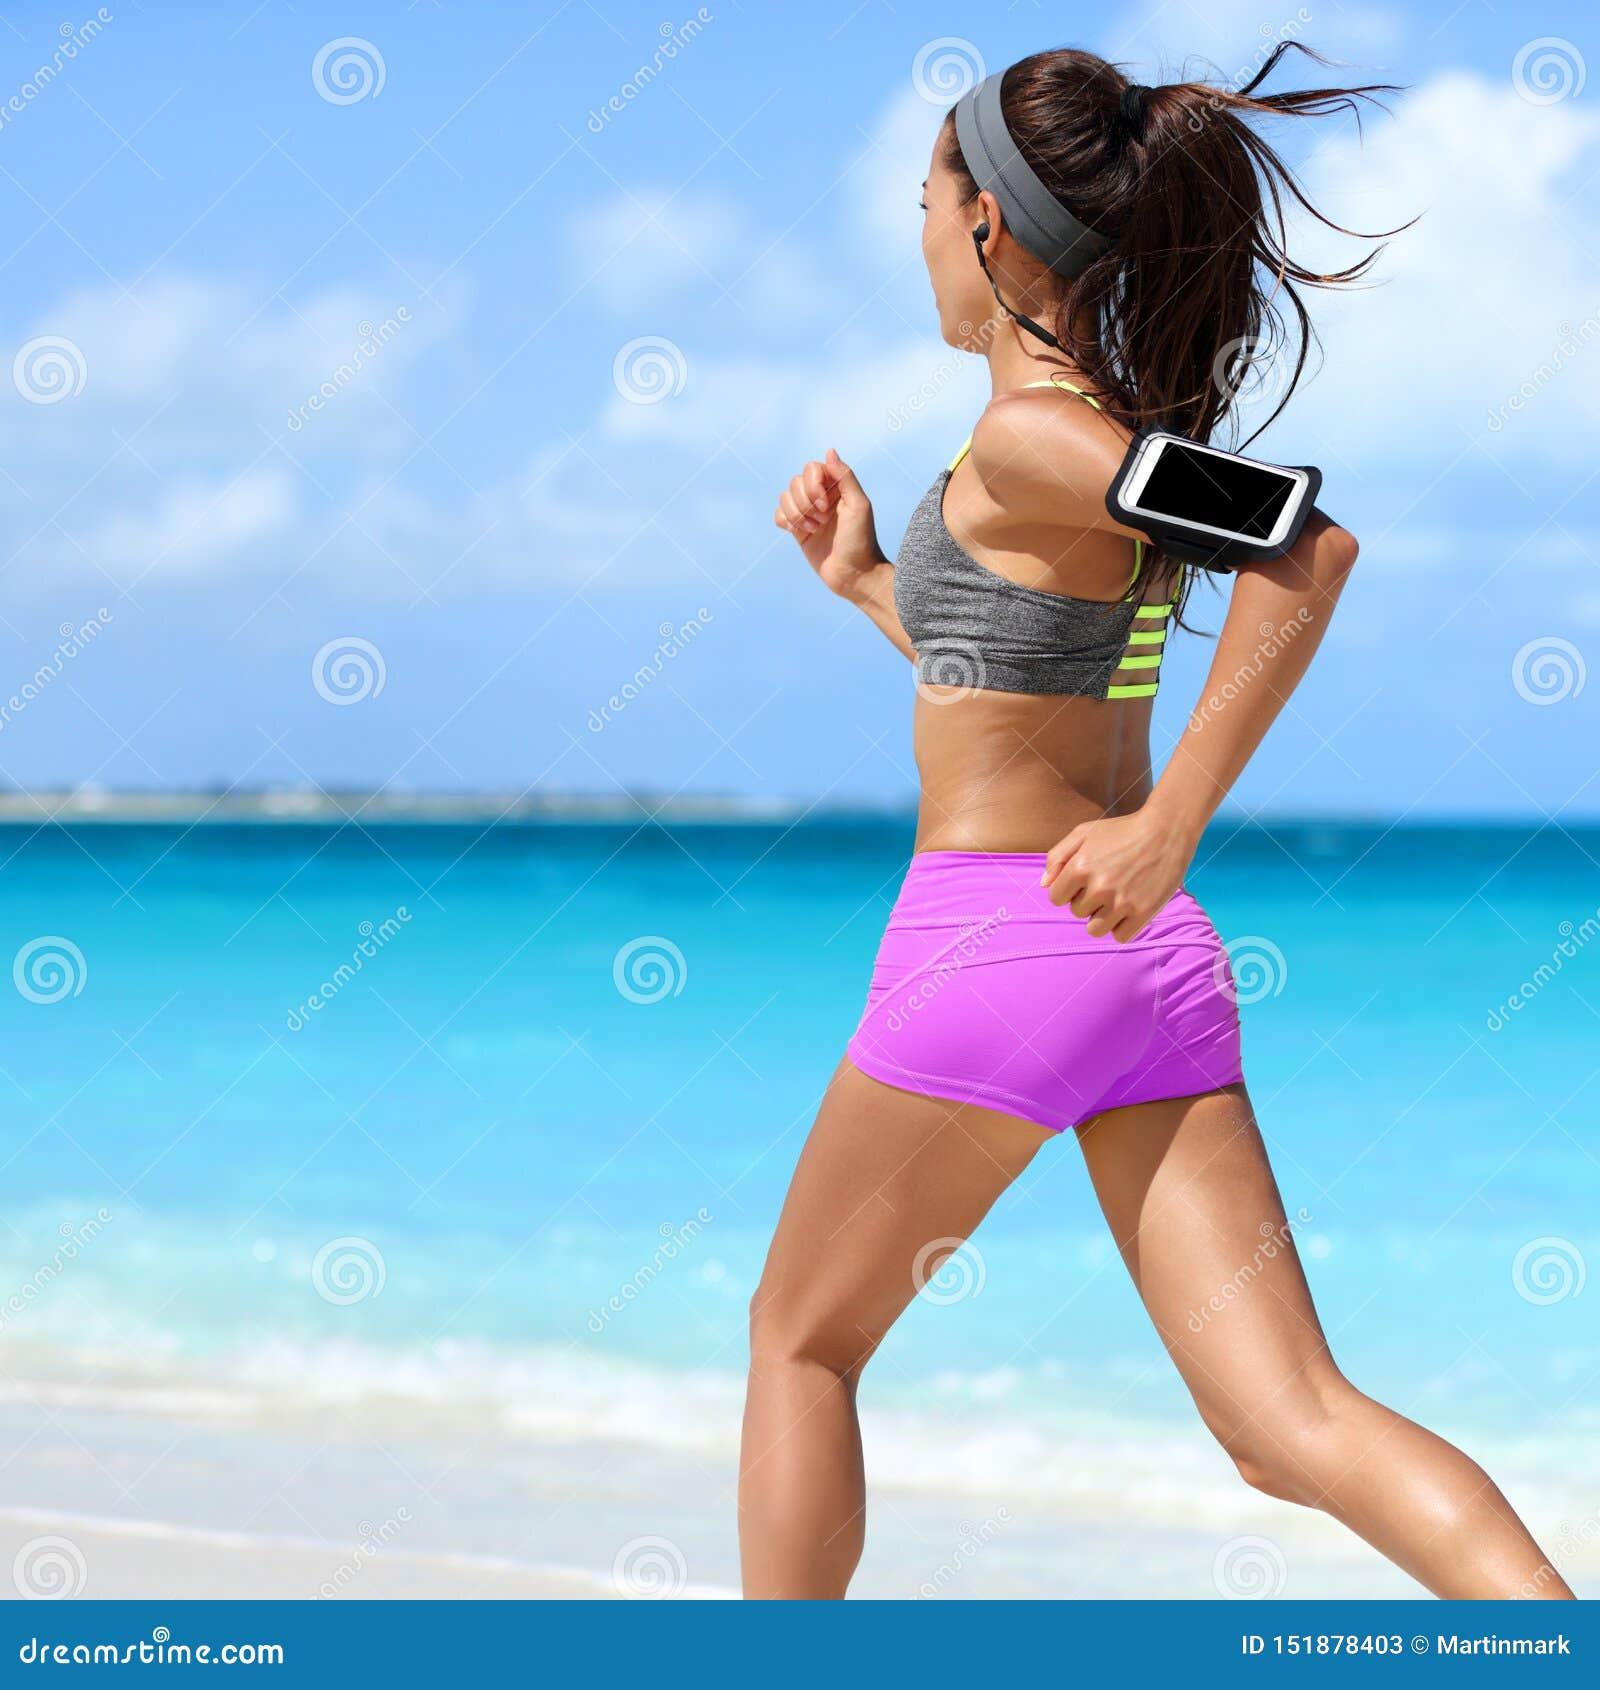 Motivación de la música para el corredor de funcionamiento de la mujer de la playa